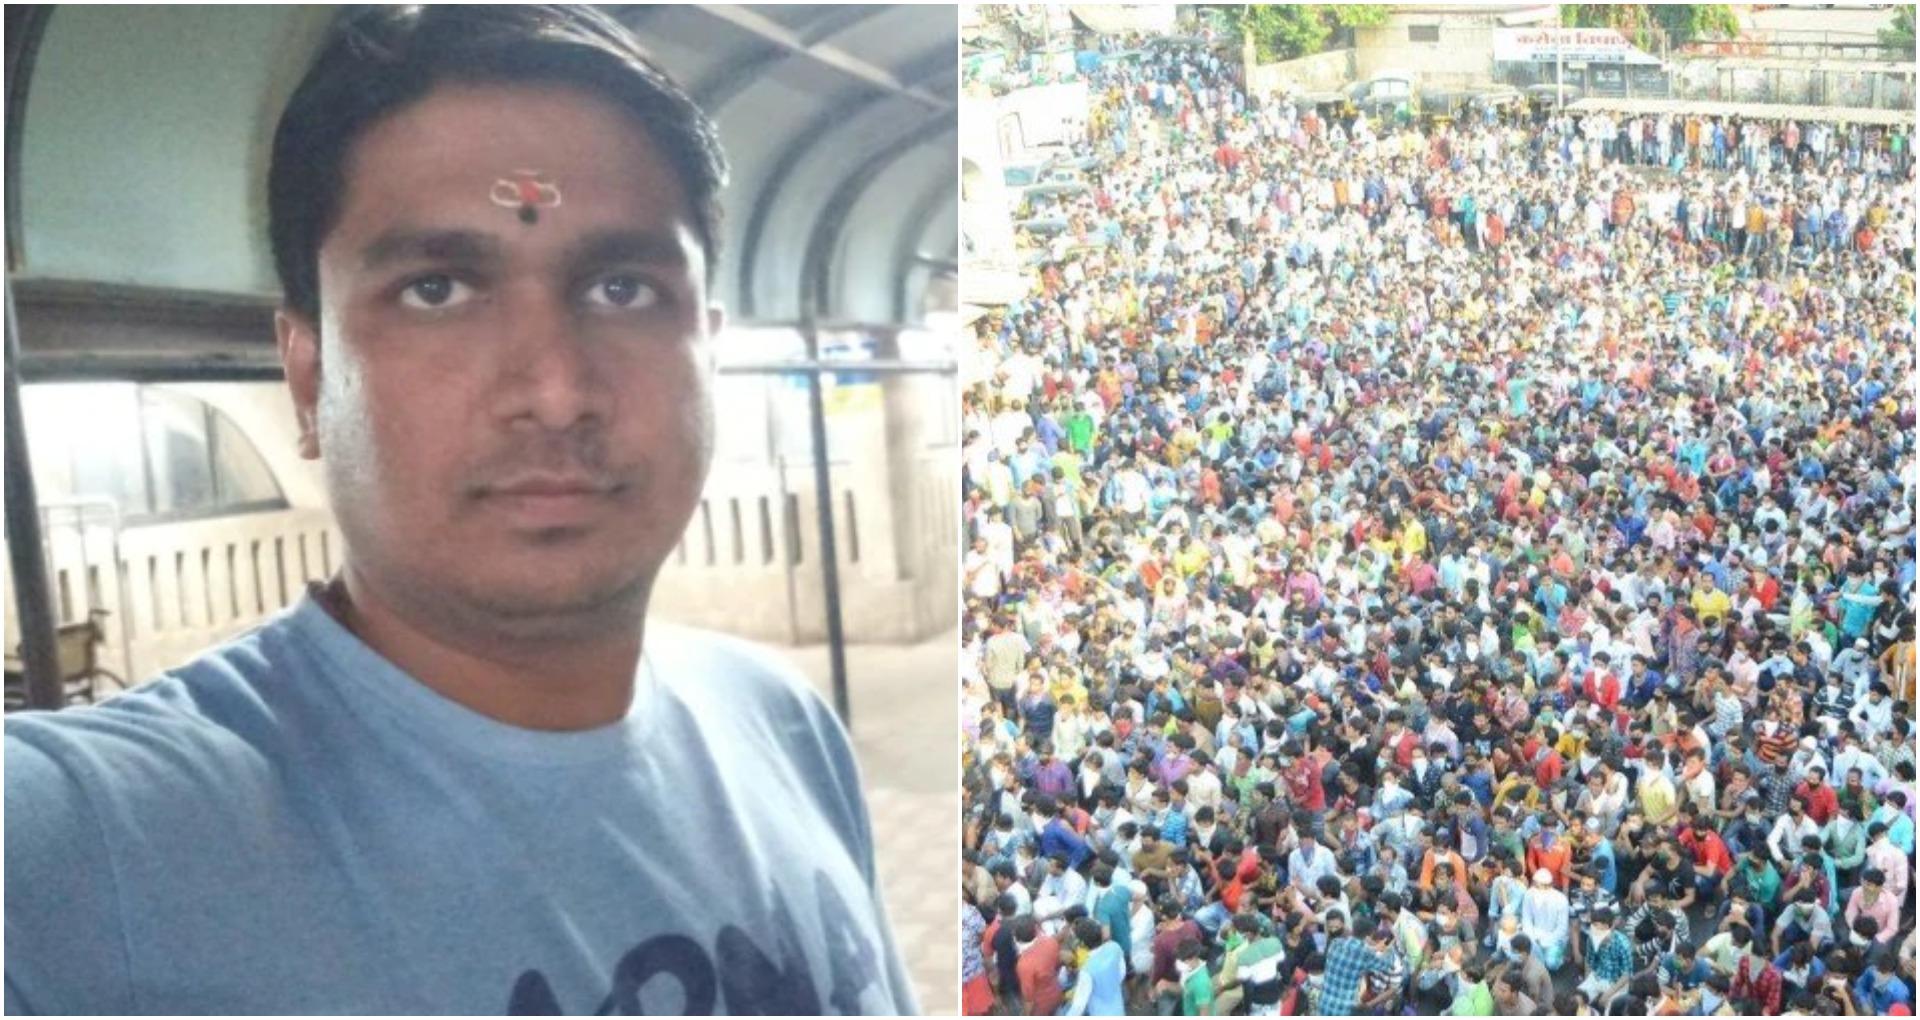 Bandra: अफवा फ़ैलाने वाले विनय दुबे गिरफ्तार, कामगारों की जिंदगी क्यों खेल गया है शख्स?